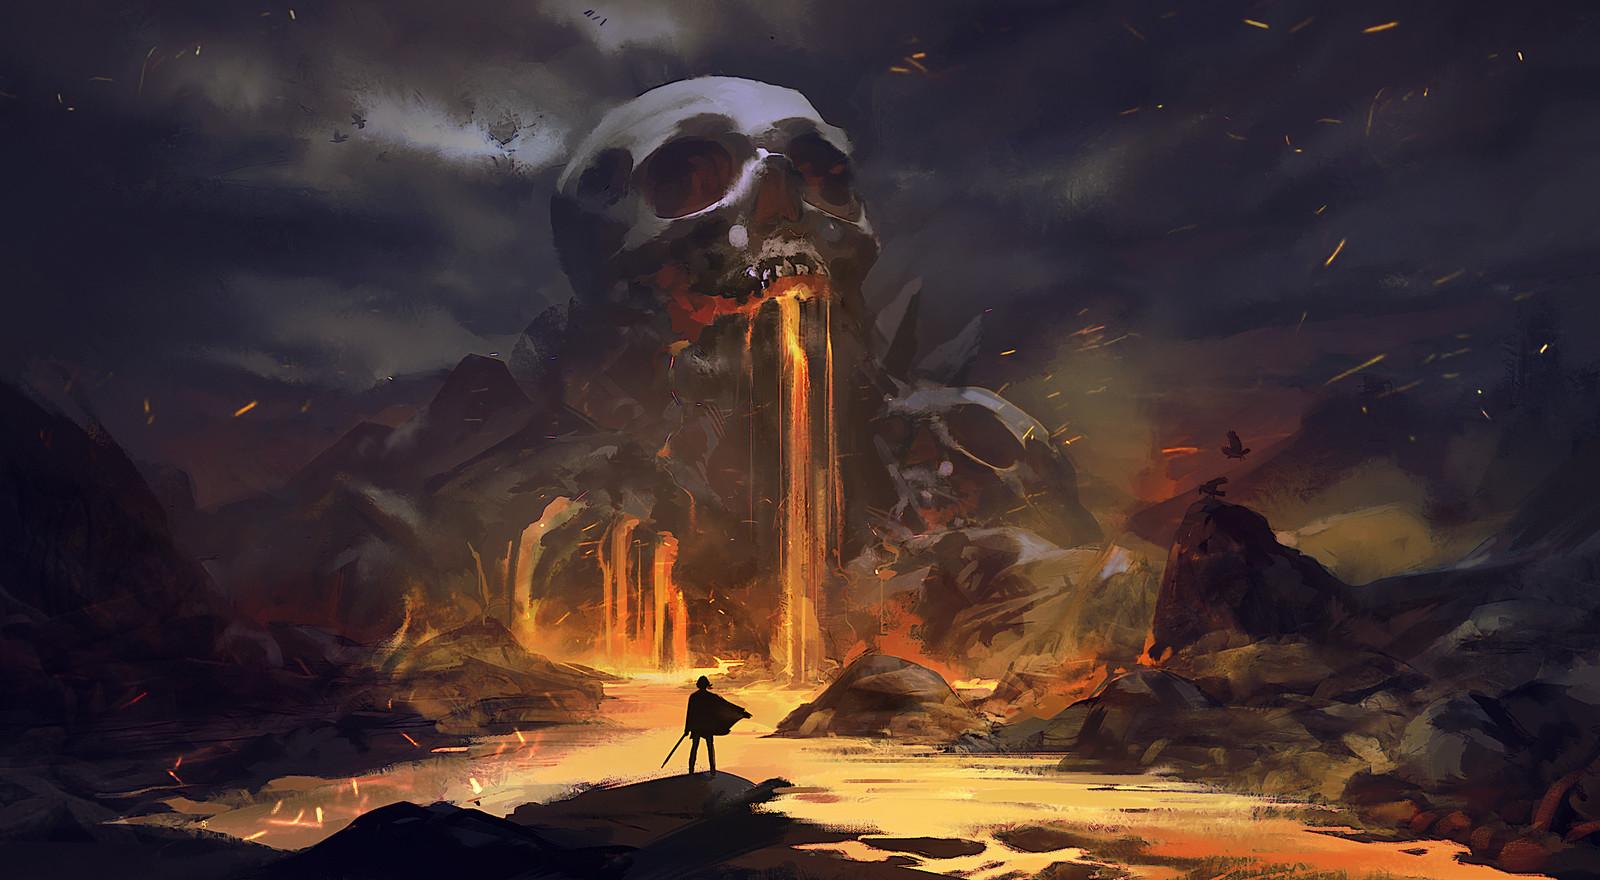 Skull volcano